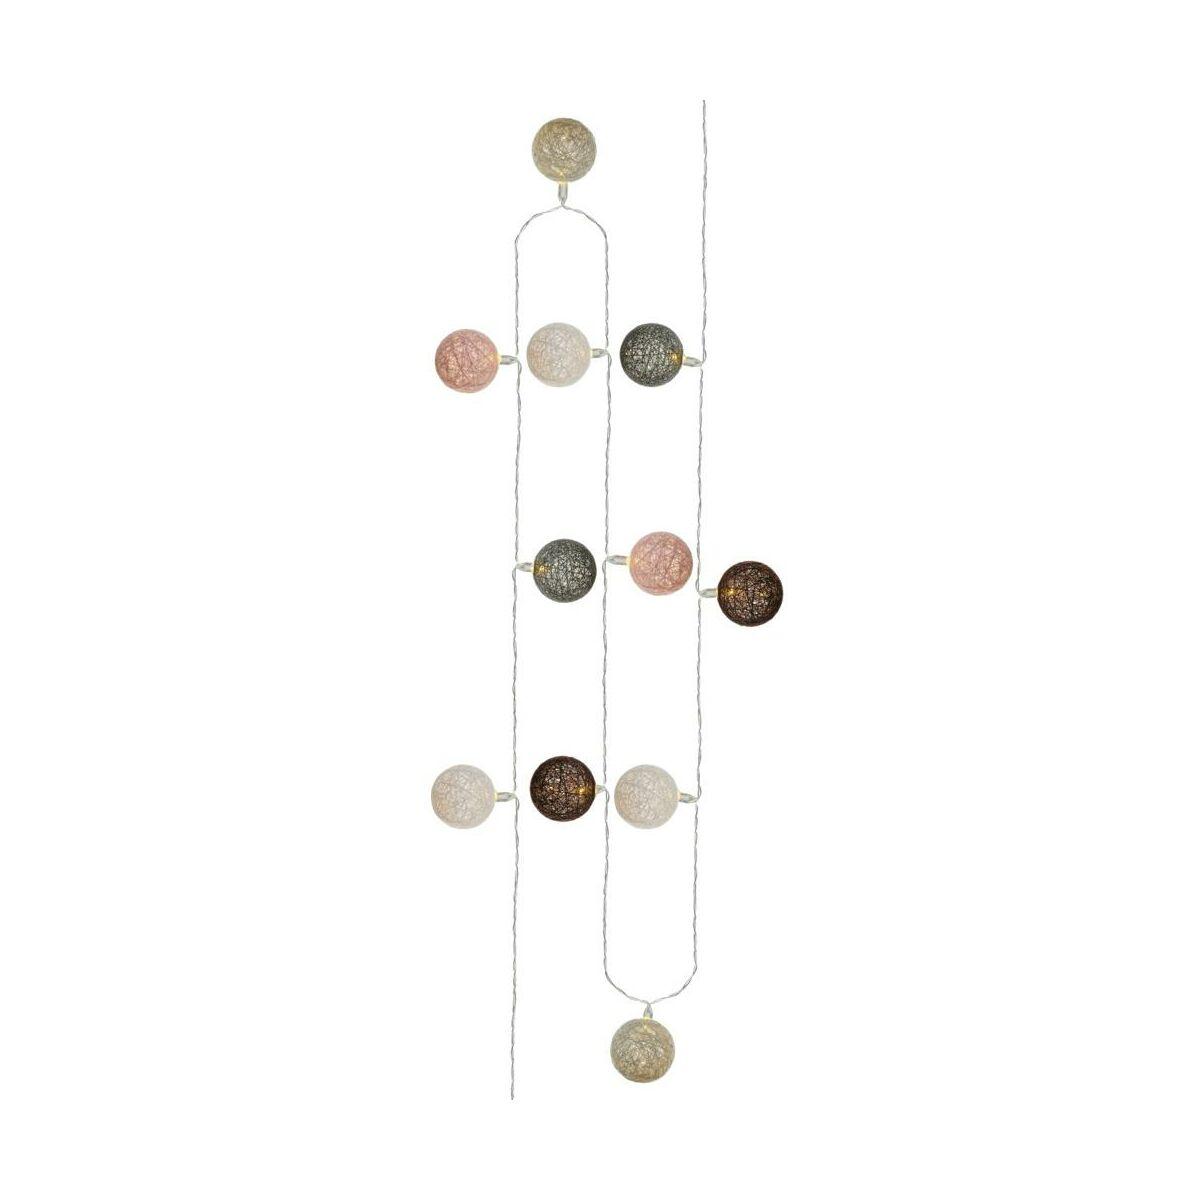 Cotton Balls 60 Szt 8 85 M Bordowo Bezowe Swieczniki I Dekoracje Swiateczne W Atrakcyjnej Cenie W Sklepach Leroy Merlin